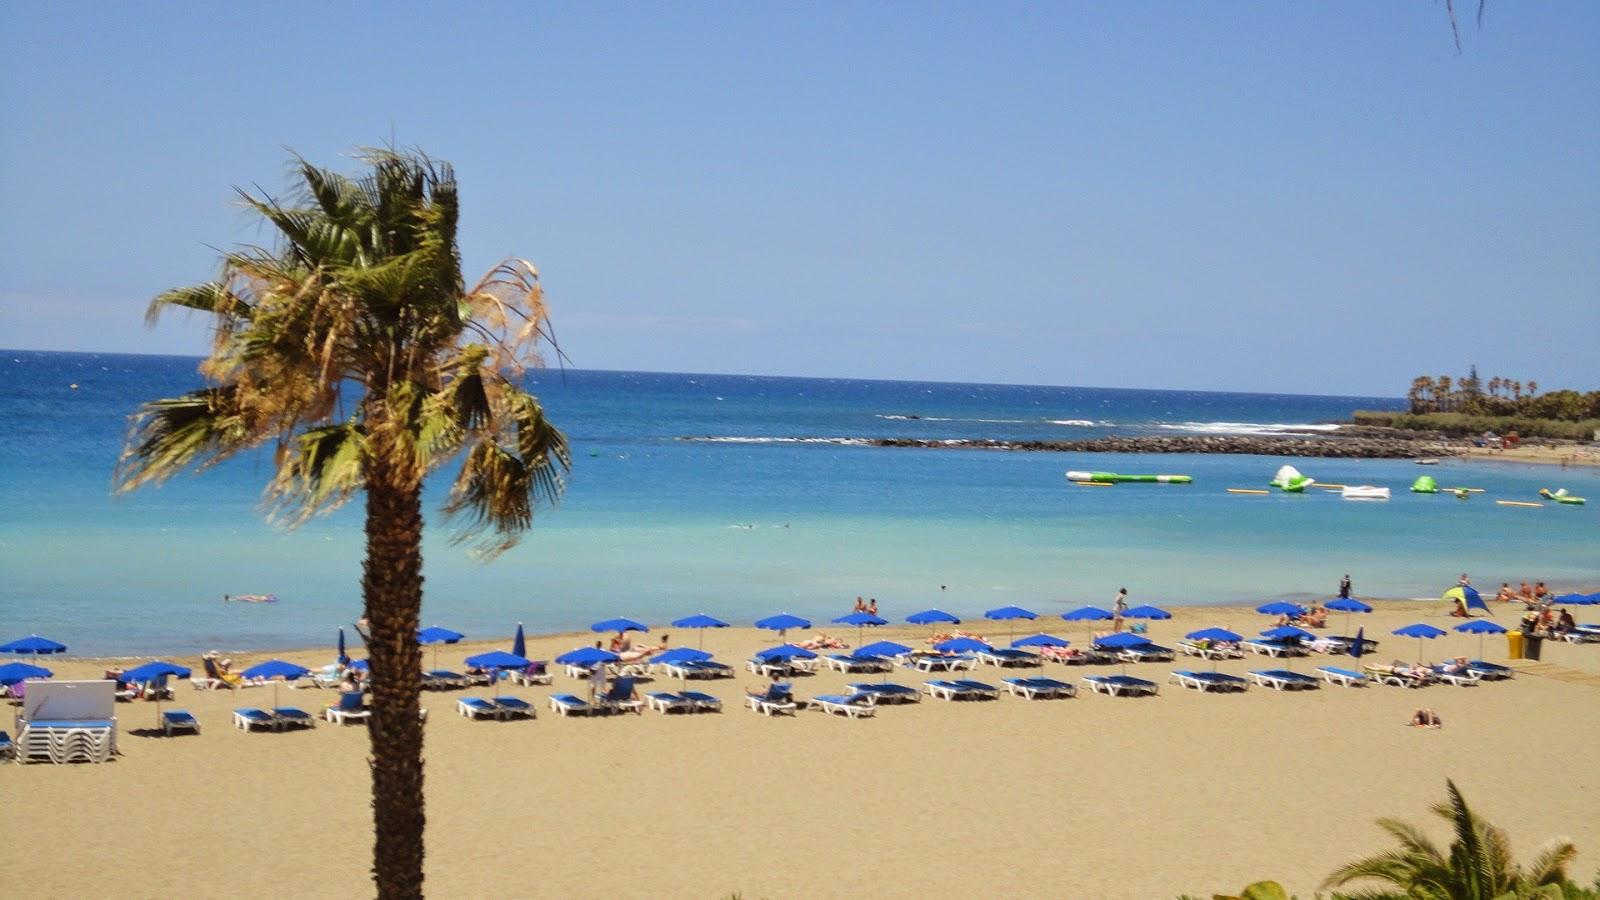 Beach of Teresitas, Tenerife